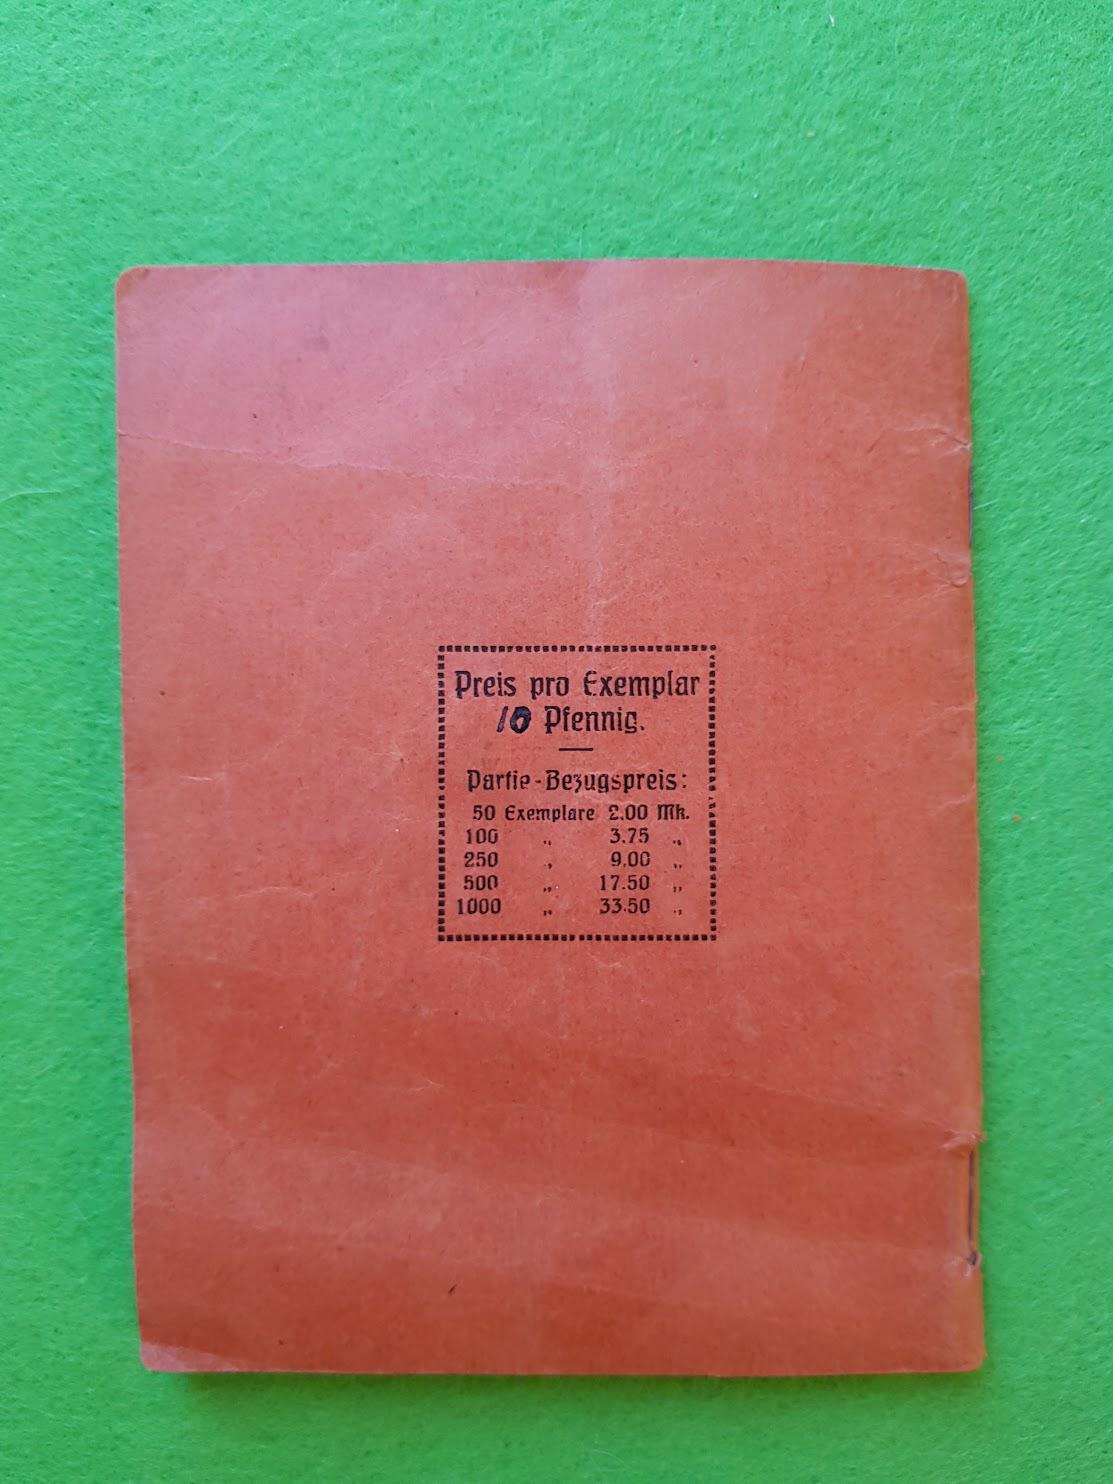 Arbeiter Liederbuch für Massengesang, 1910 - Preis 10 Pfennig